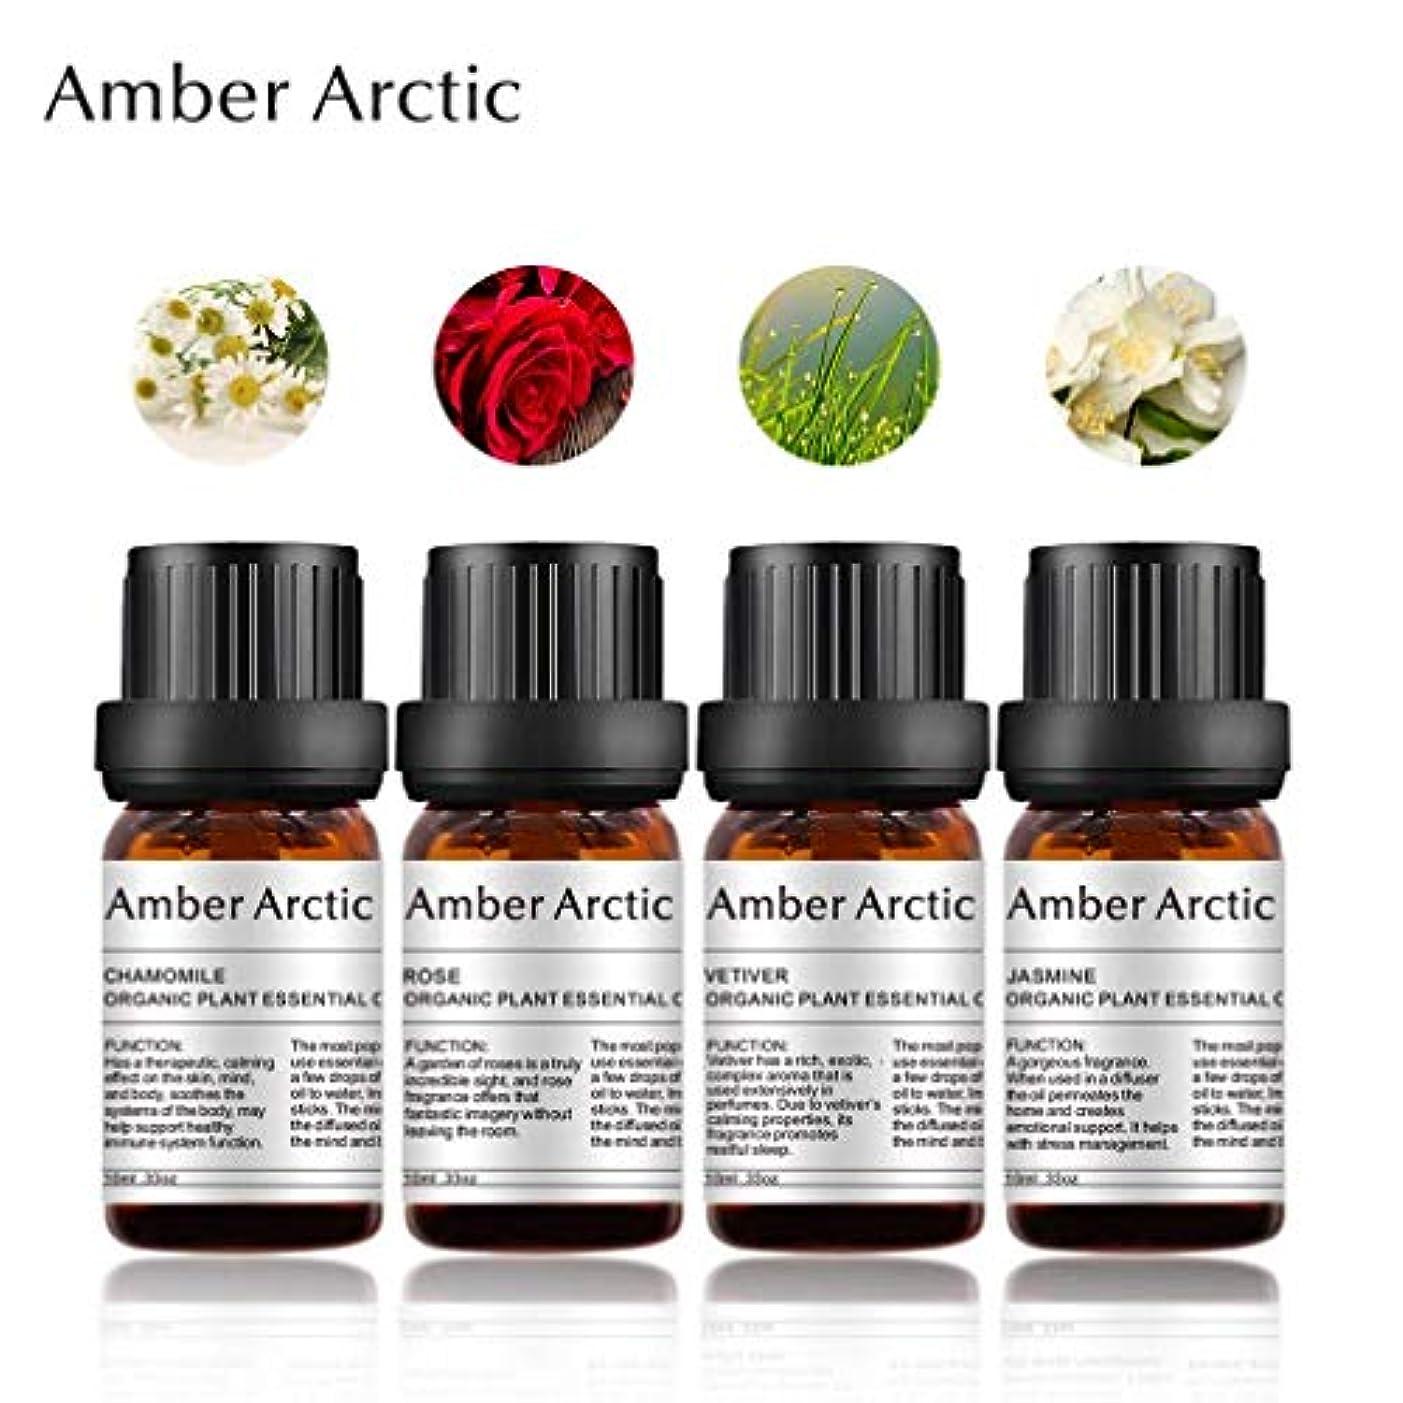 効率的にやさしく象Amber Arctic 4 パック 精油 セット、 100% 純粋 天然 アロマ 最良 治療 グレード エッセンシャル オイル (ジャスミン、 ベチバー、 ローズ、 カモミール)